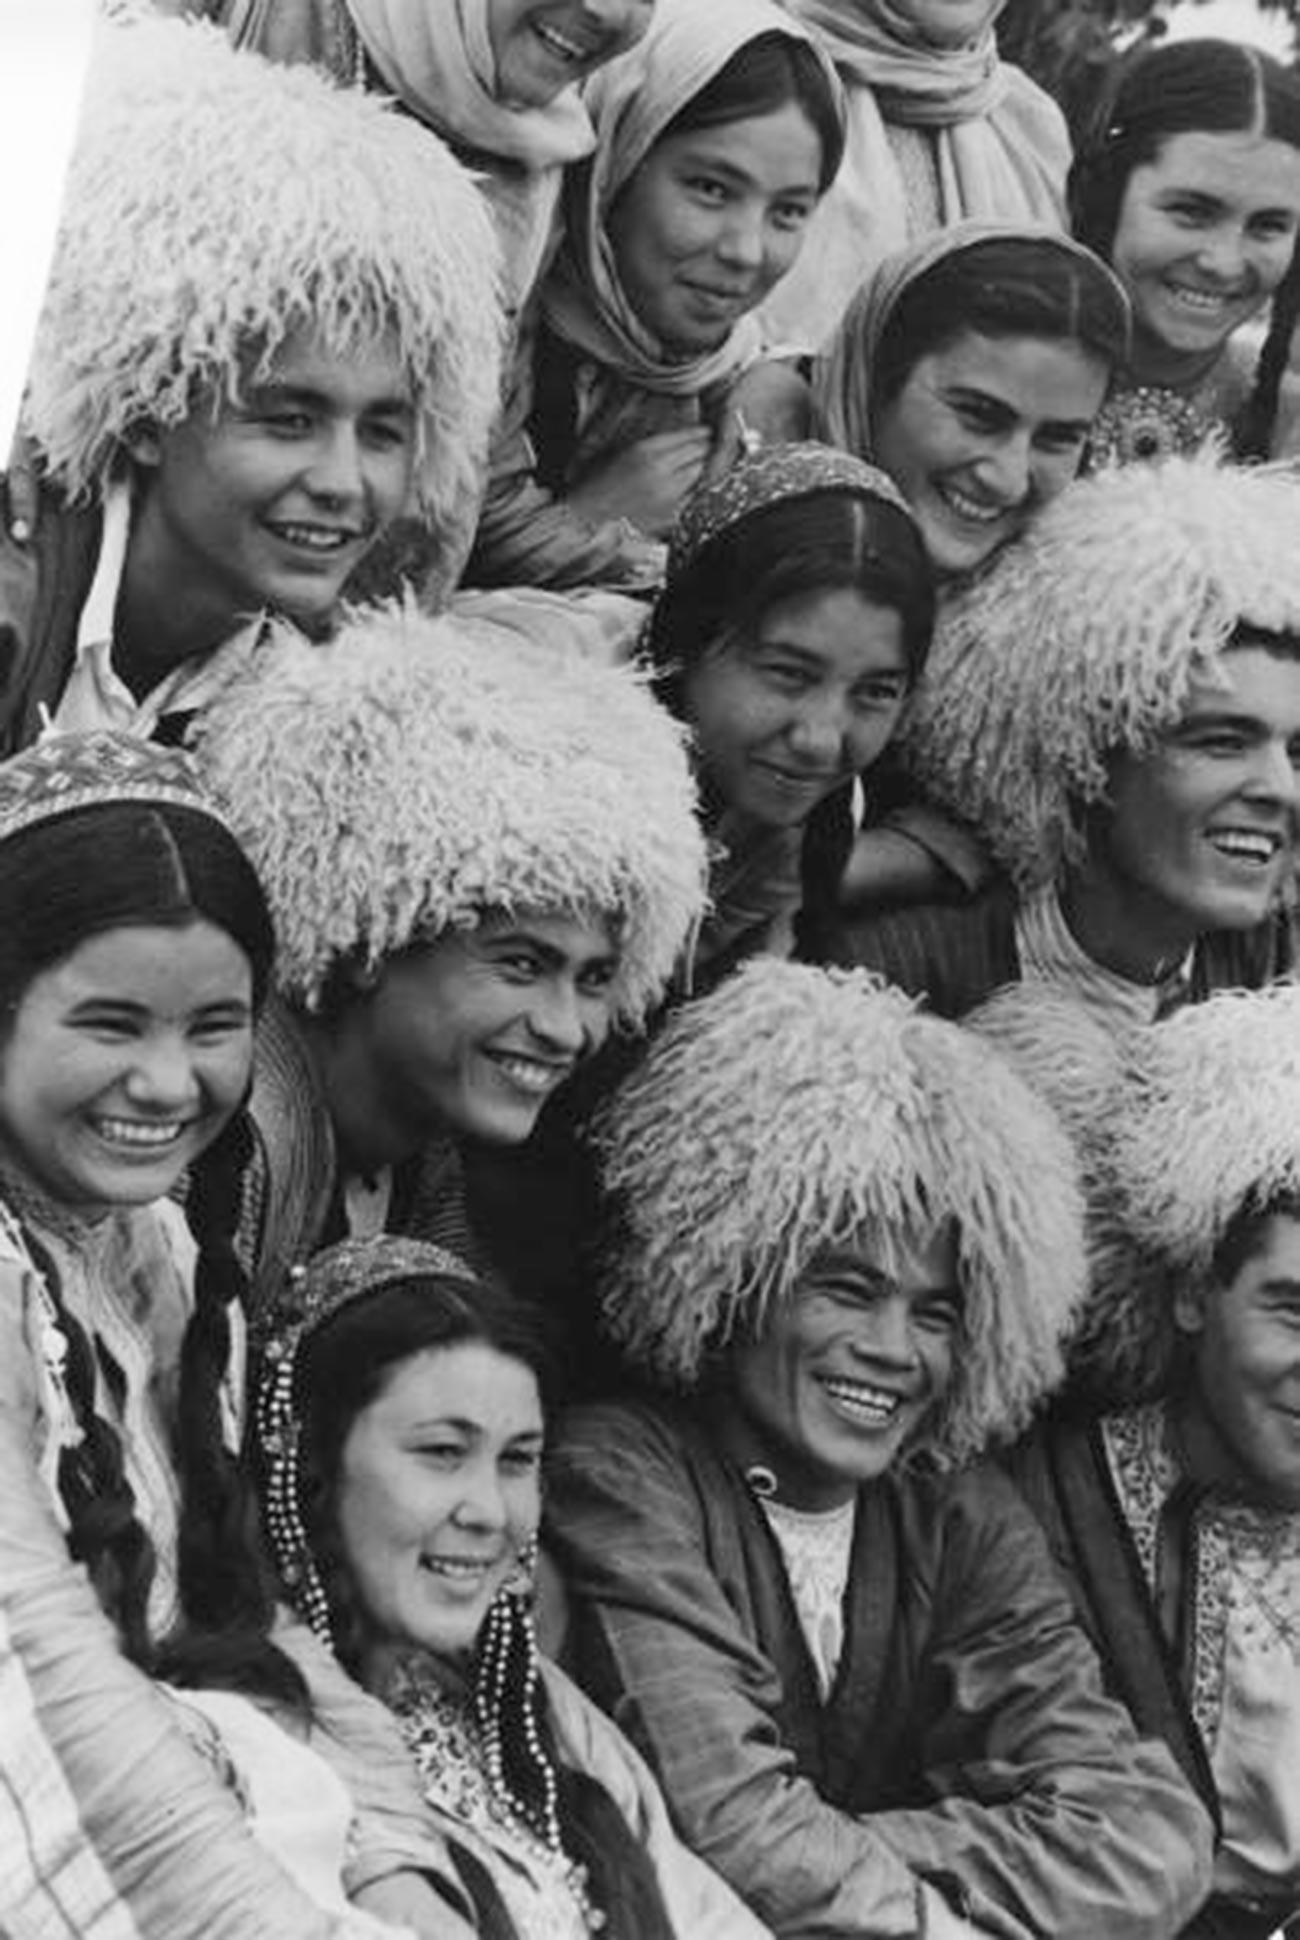 トルクメン・ソビエト社会主義共和国の若者。1977年